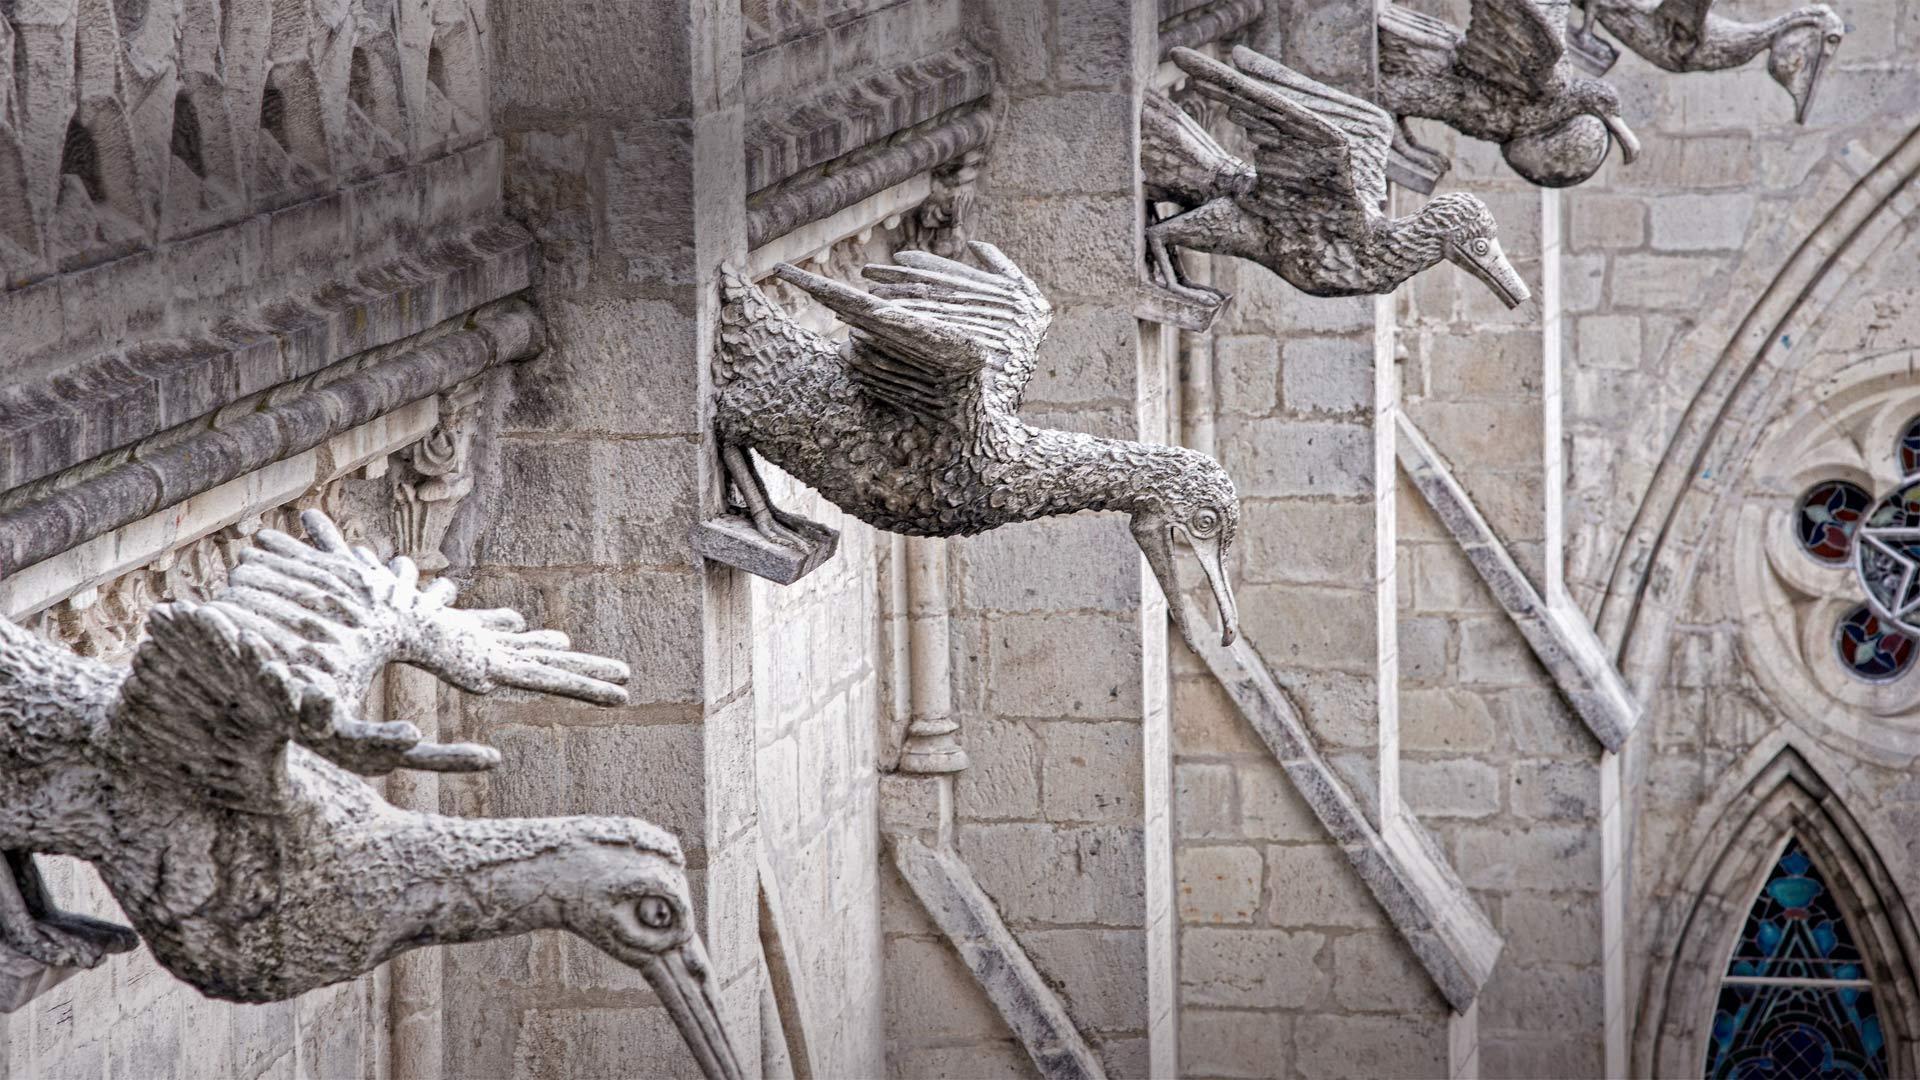 国家誓言圣殿上怪诞的厄瓜多尔本土海鸟国家誓言圣殿